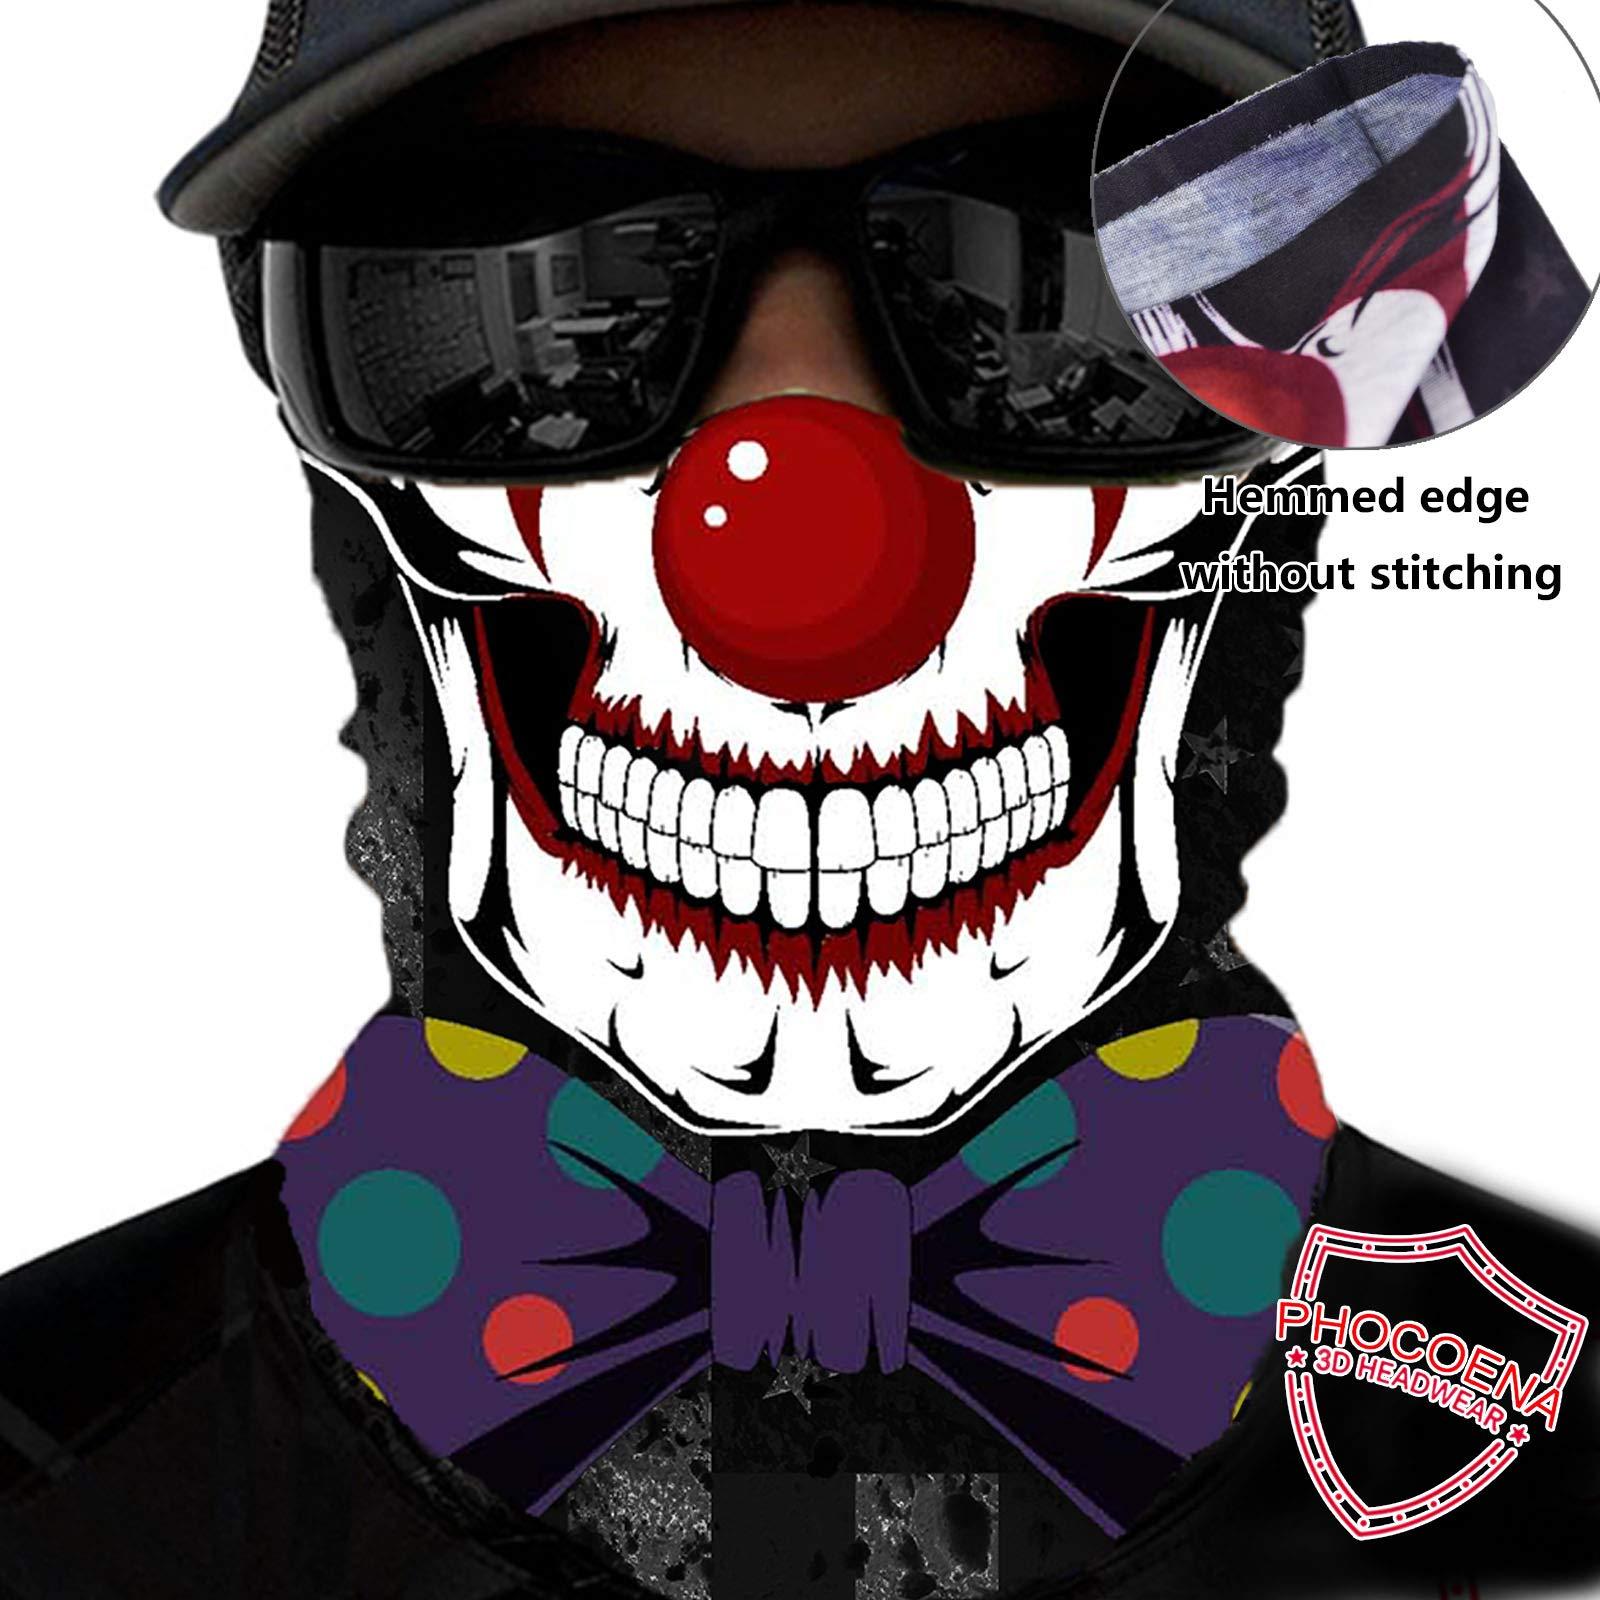 PHOCOENA Tubular Bandana Face Mask Neck Gaiter